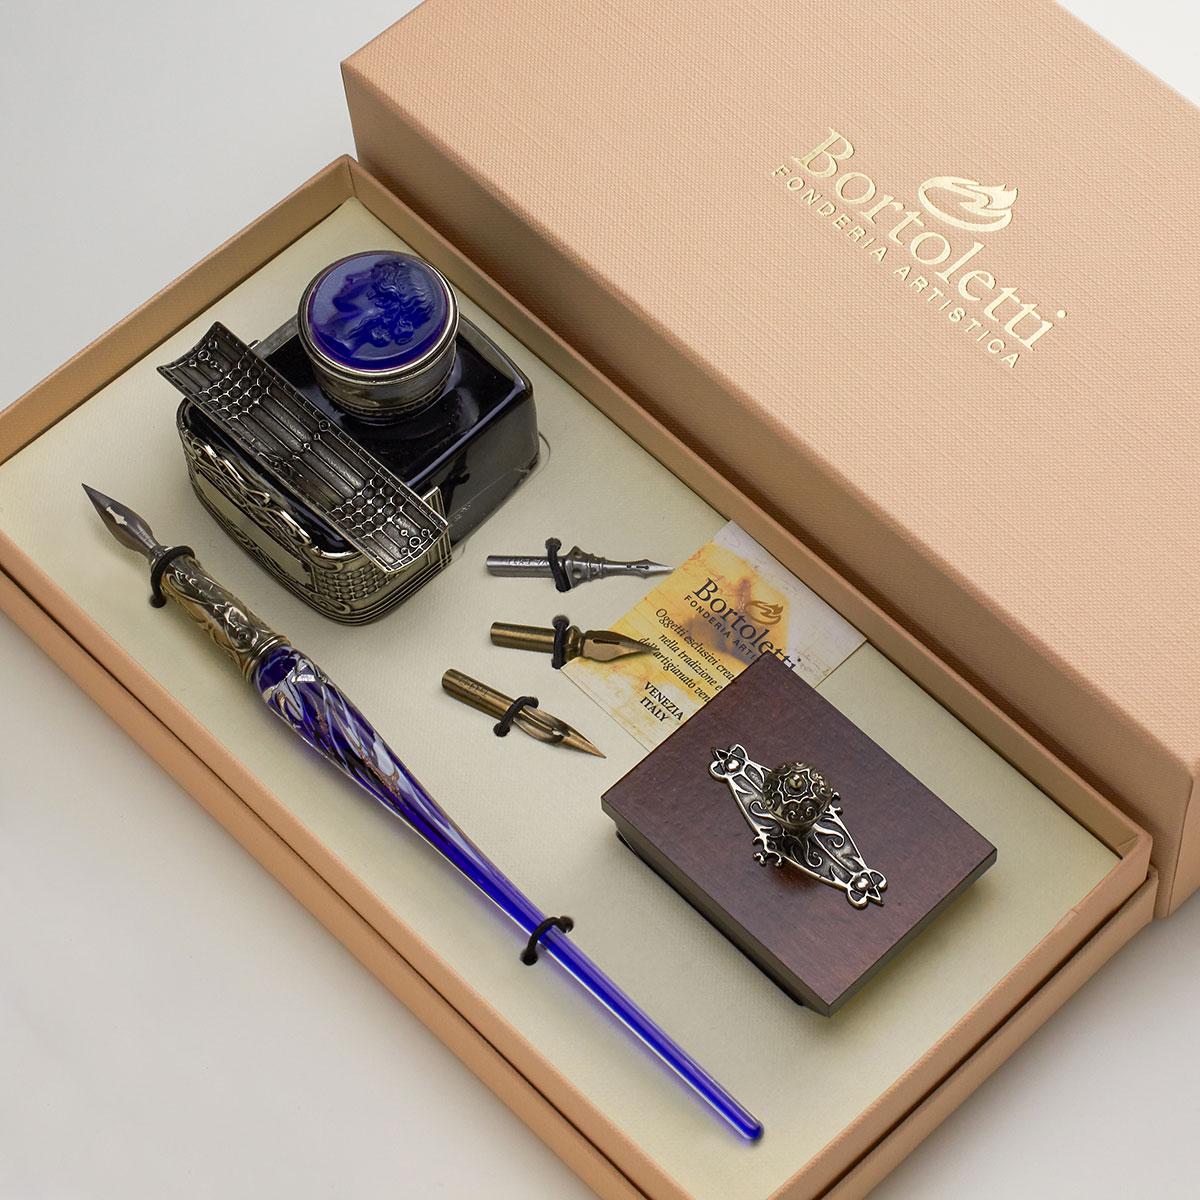 ボルトレッティ Bortoletti 木製ペン軸 ギフトセット No62 ガラスペン ペンホルダー付きボトルインク 替えペン先 ブロッターセット